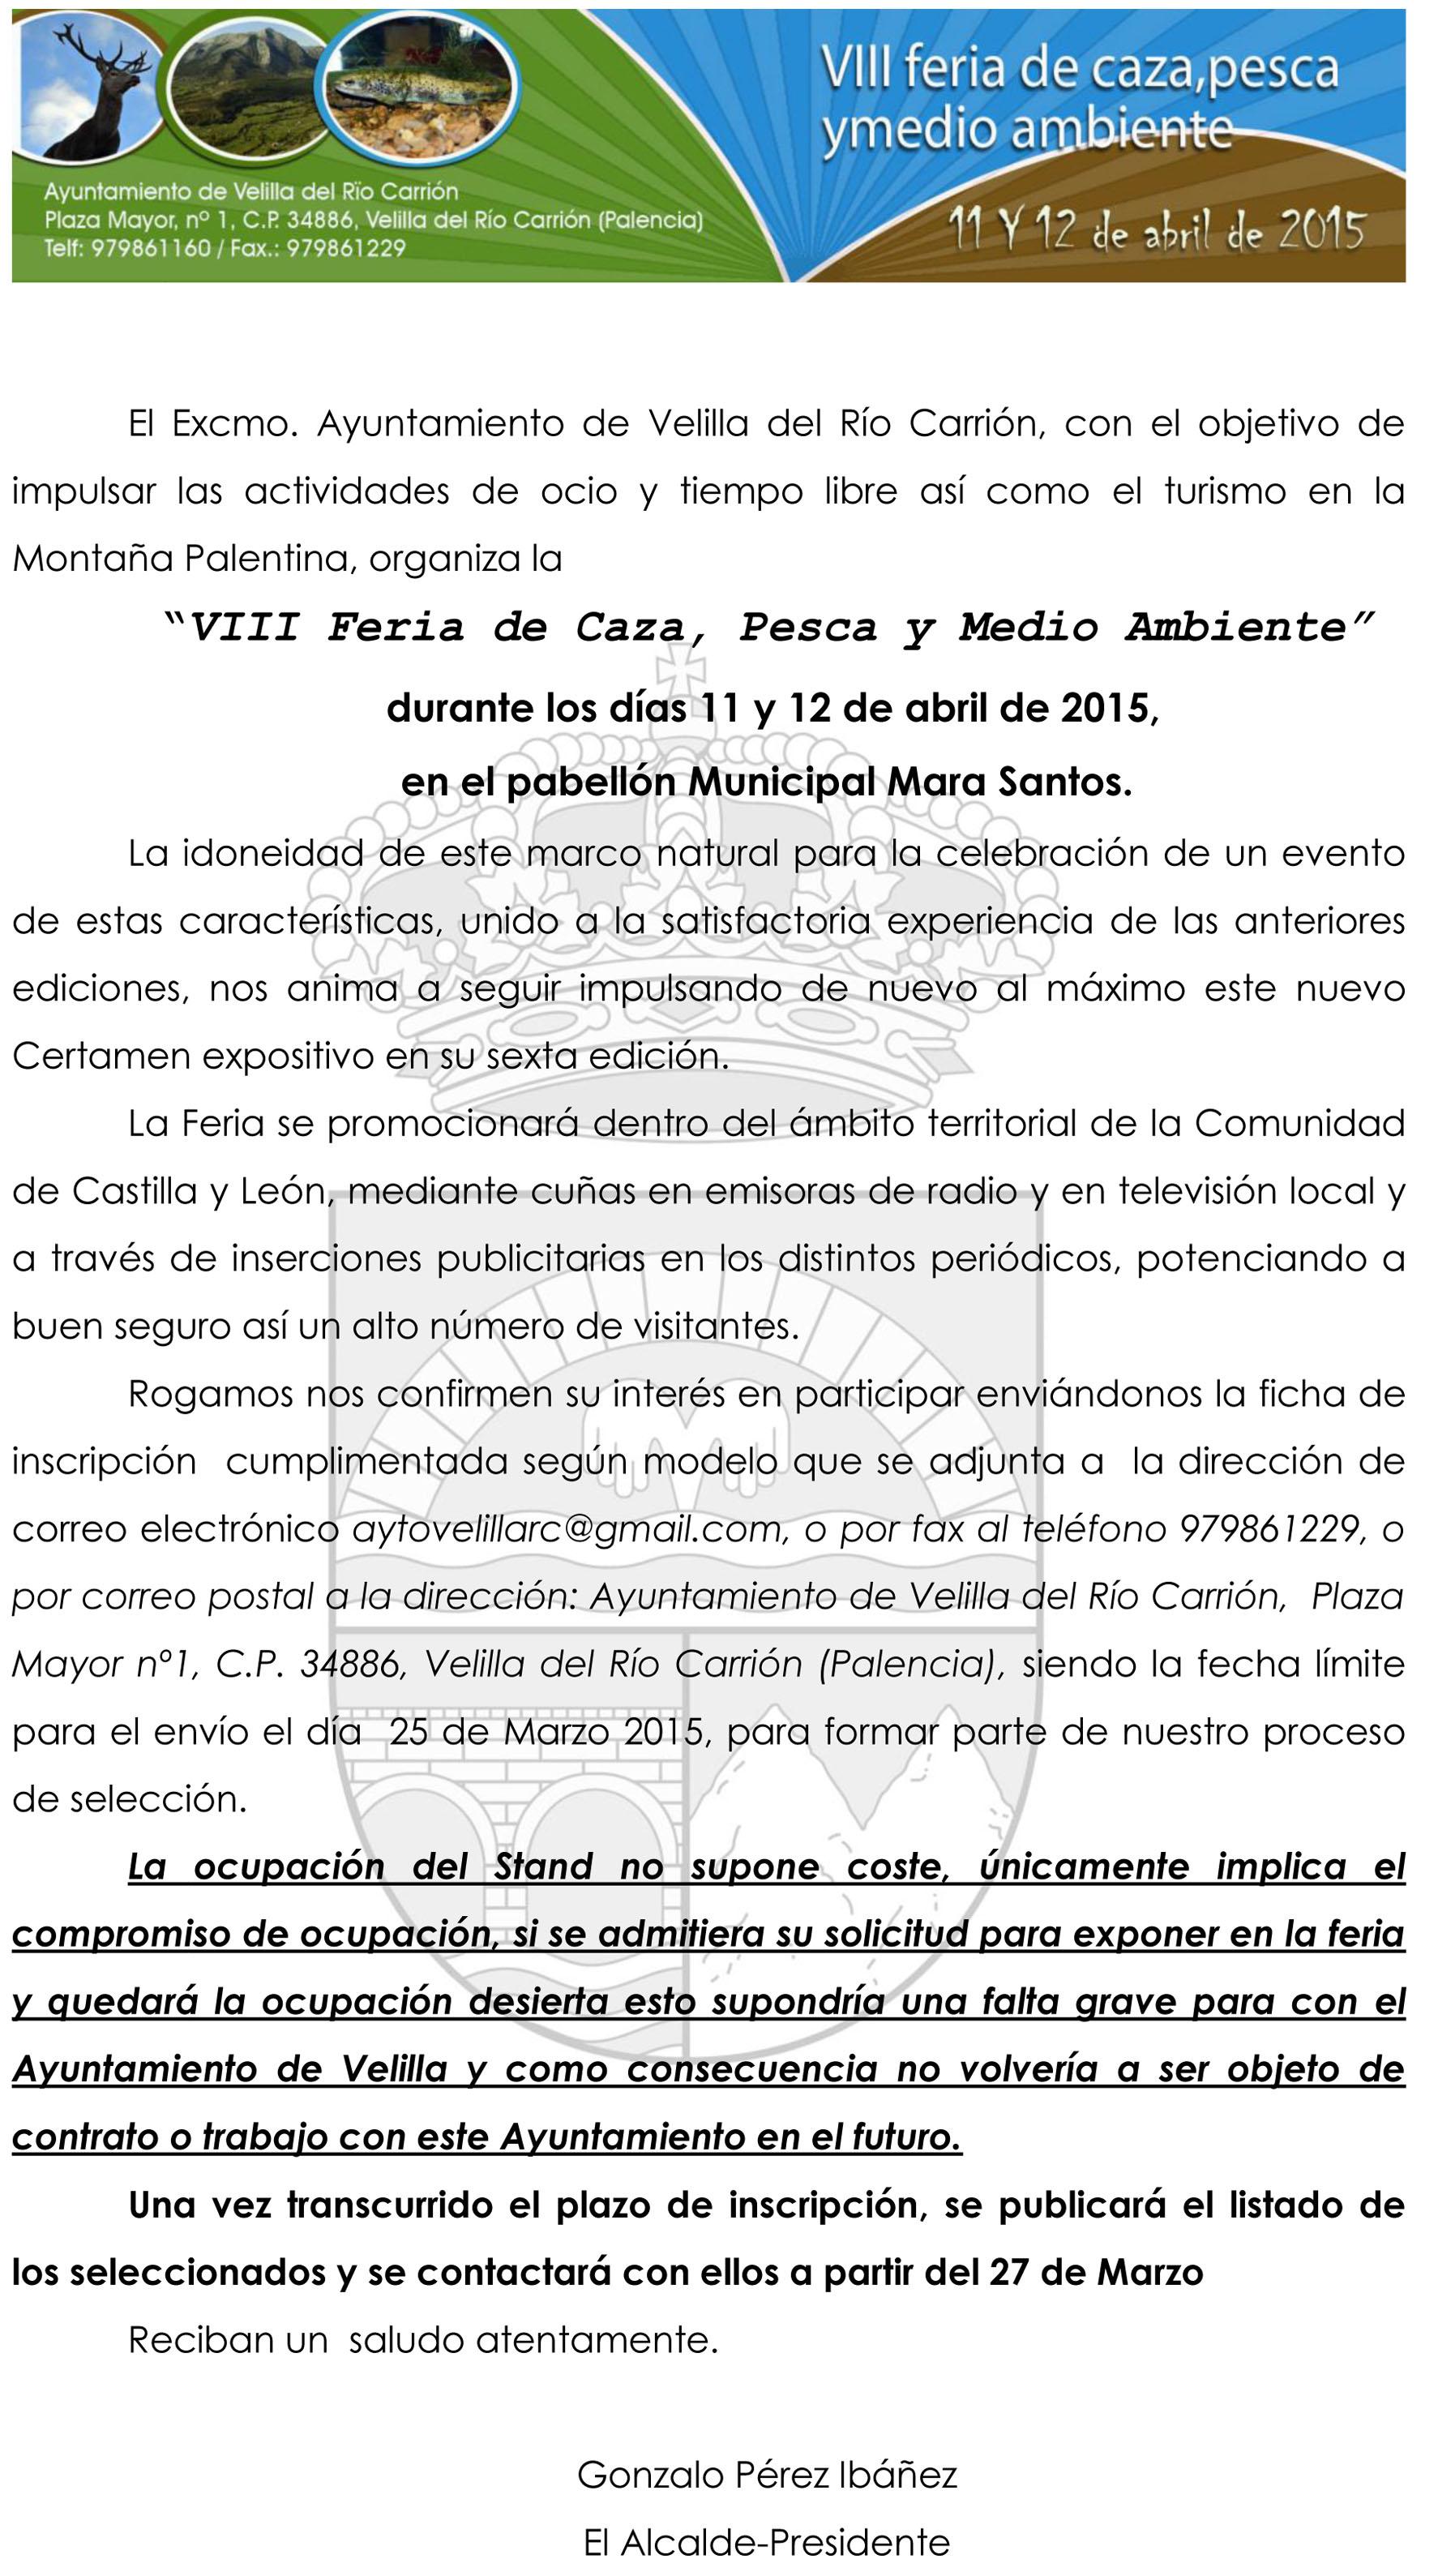 INSCRIPCIÓNES VIII FERIA DE CAZA, PESCA Y MEDIO AMBIENTE